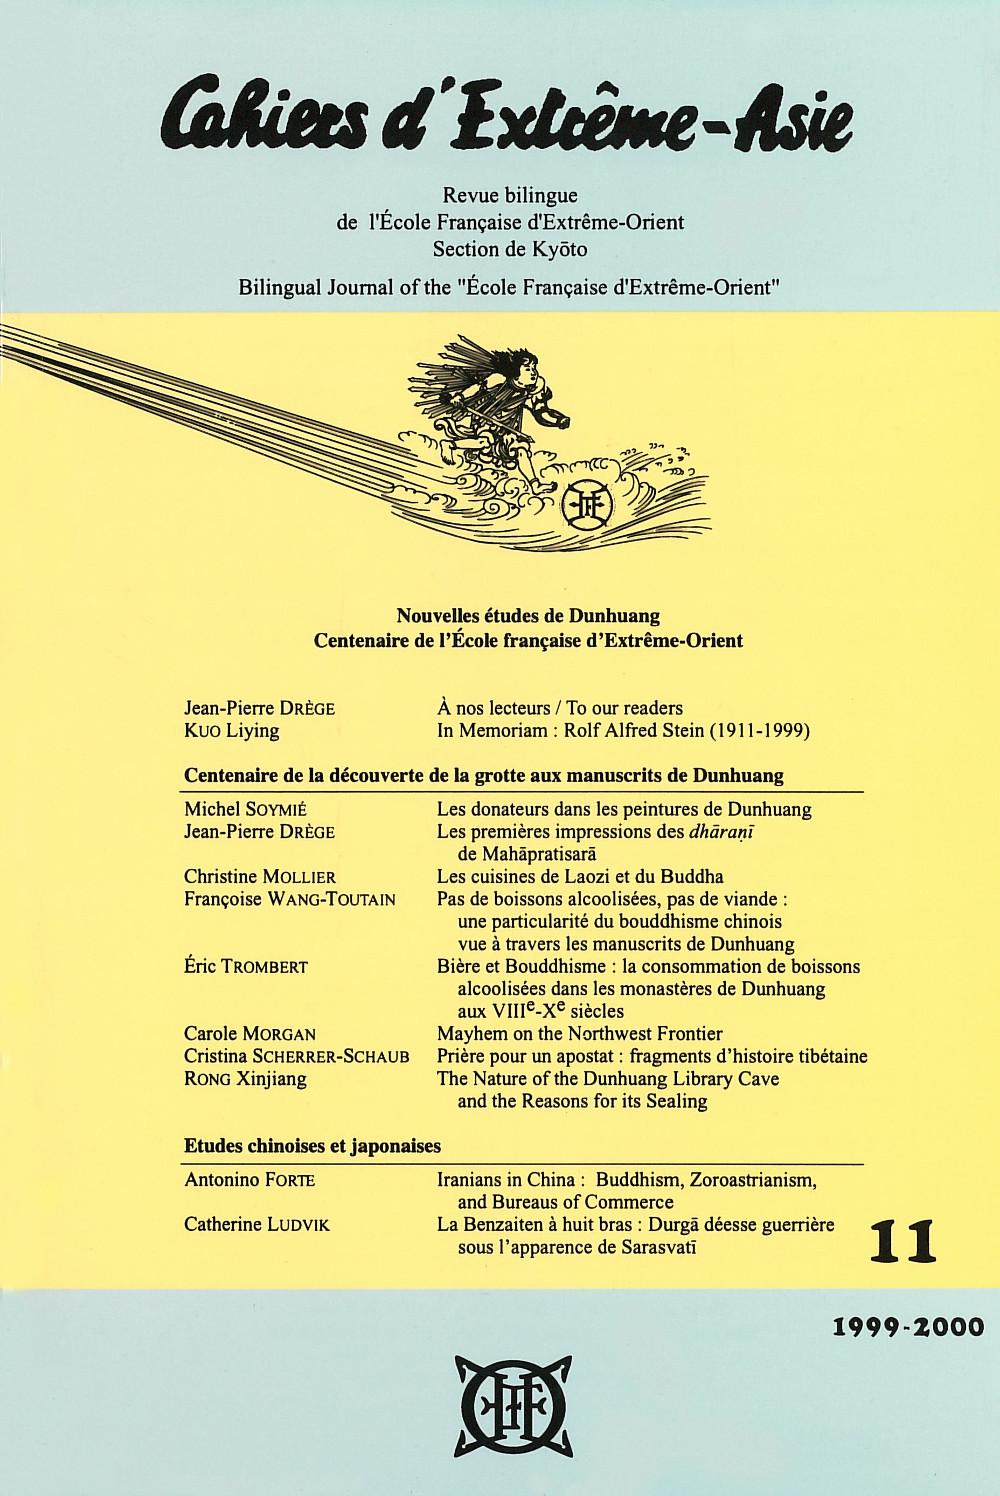 Cahiers d'Extrême-Asie 11 (1999-2000)